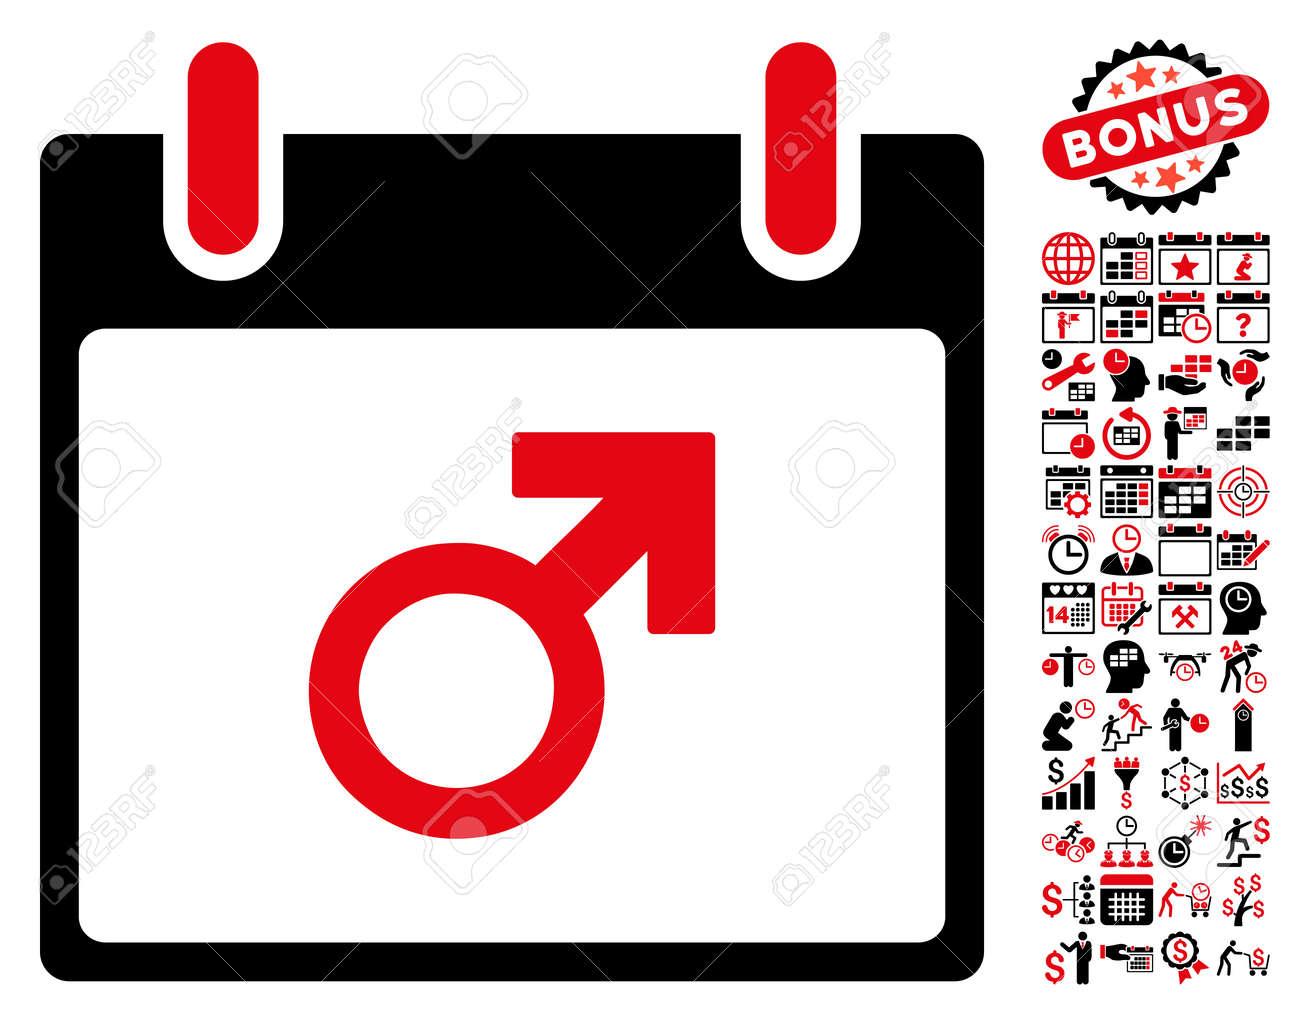 Simbolo Calendario.Mars Maschio Simbolo Calendario Giorno Pittogramma Con Il Calendario Di Indennita E Di Gestione Del Tempo Icone Grafiche Stile Vettore E Simboli